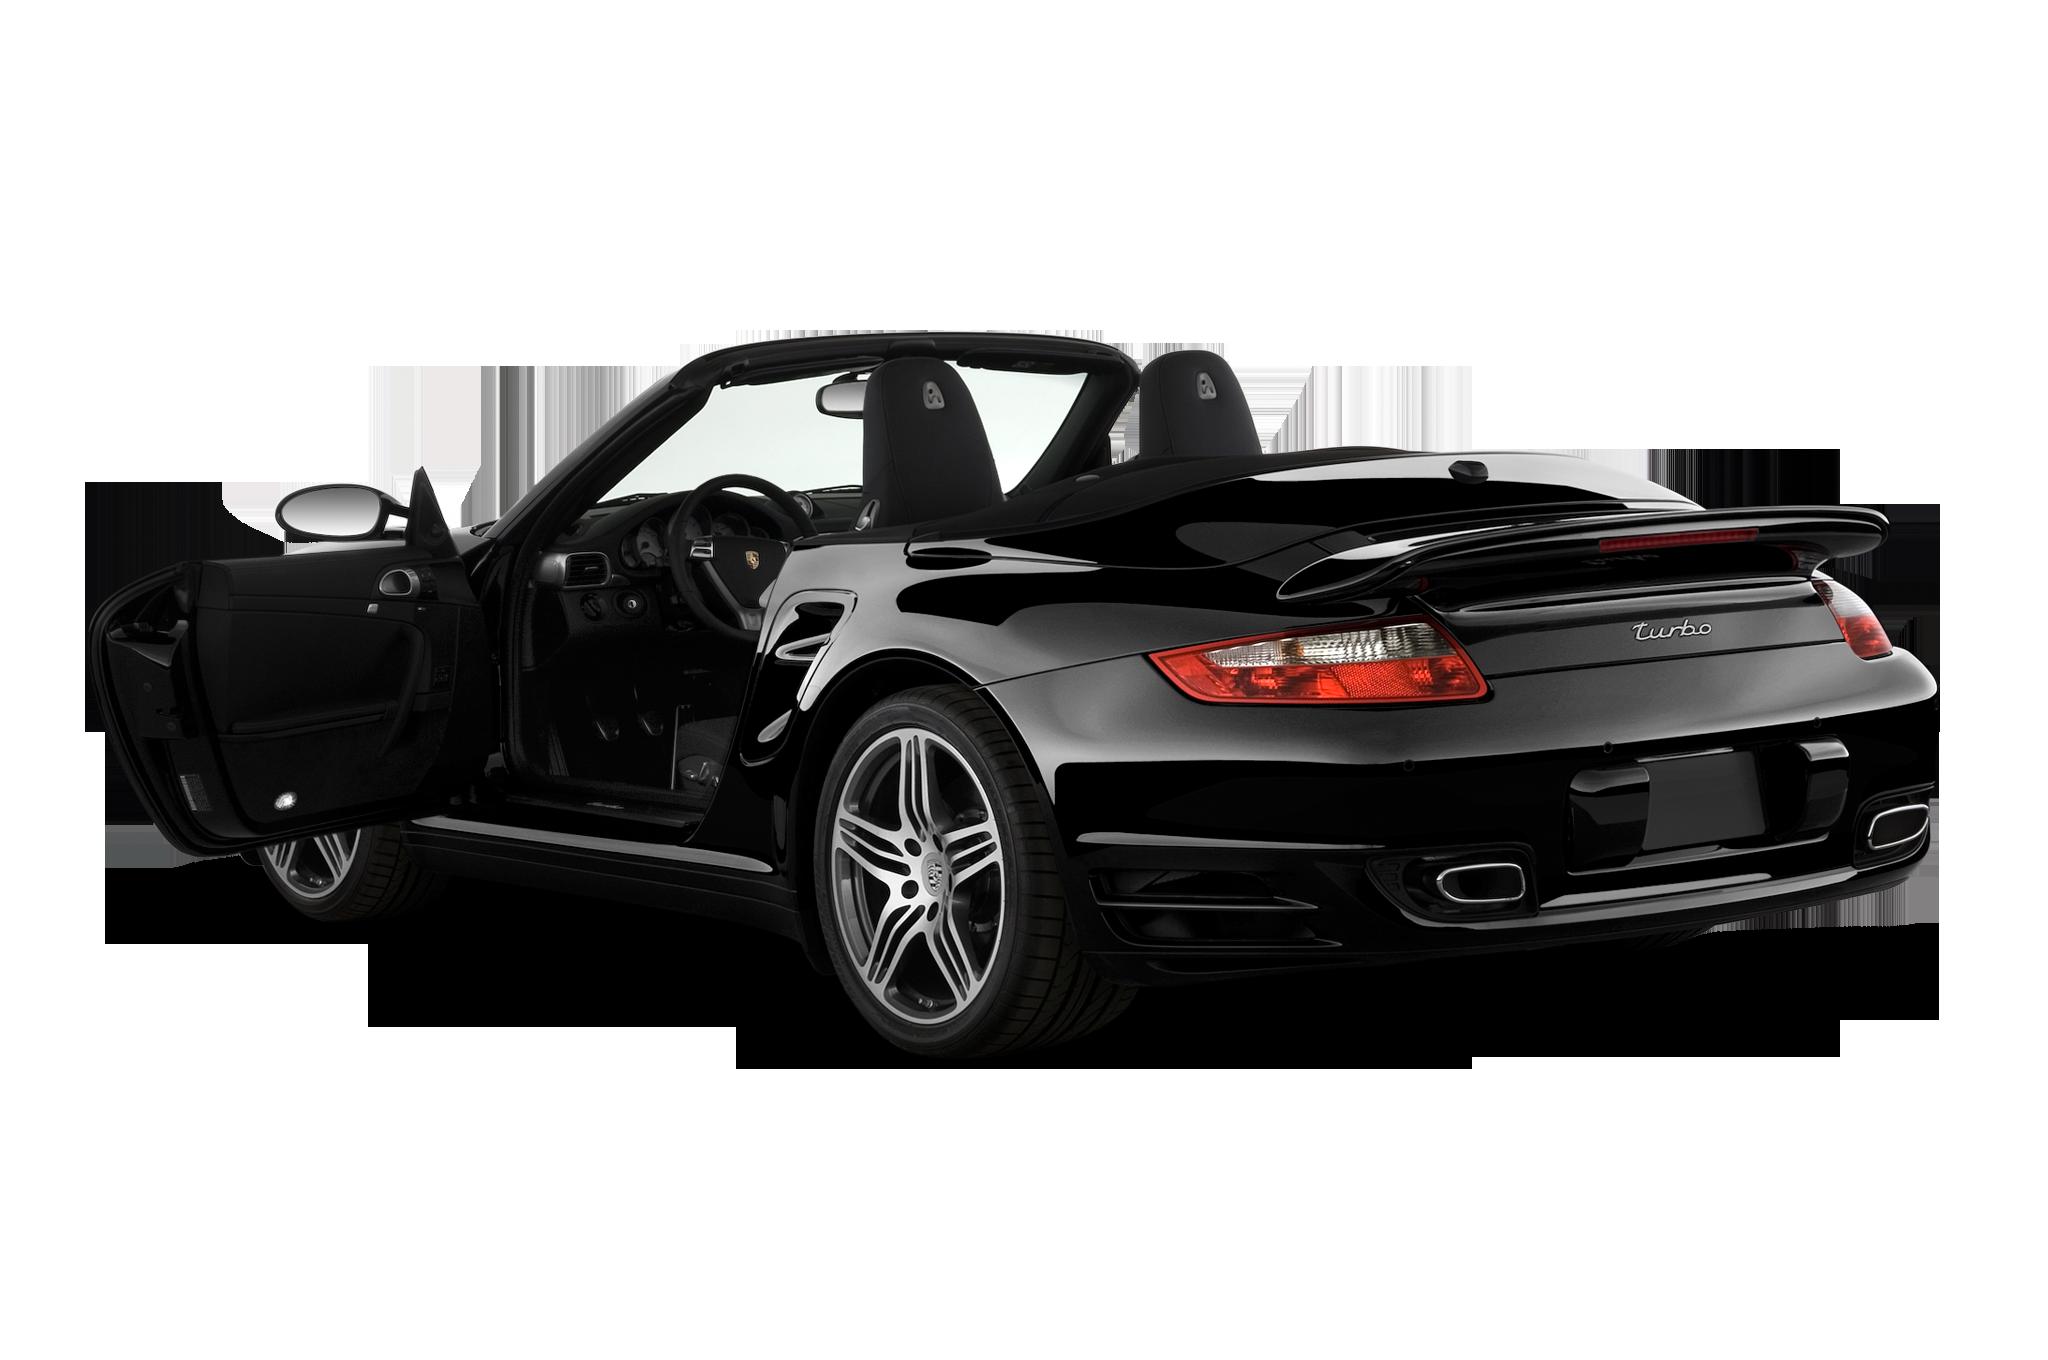 Ten Favorite Porsche 911s - Techtonics, Engine, Price